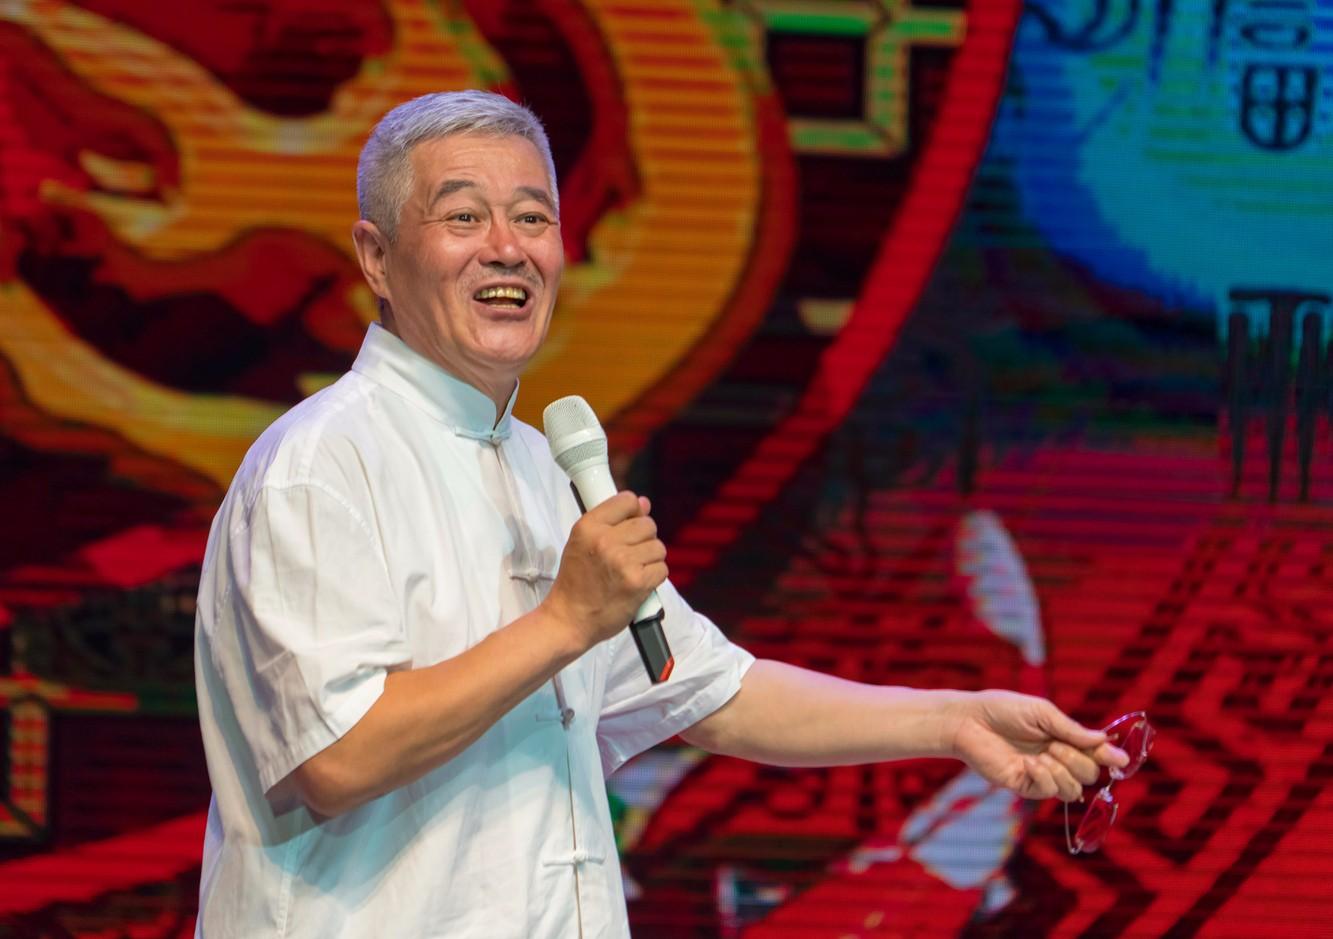 近期拍攝舞台圖片 趙本山張金蘭老師的圖片還是第一次發表_圖1-29